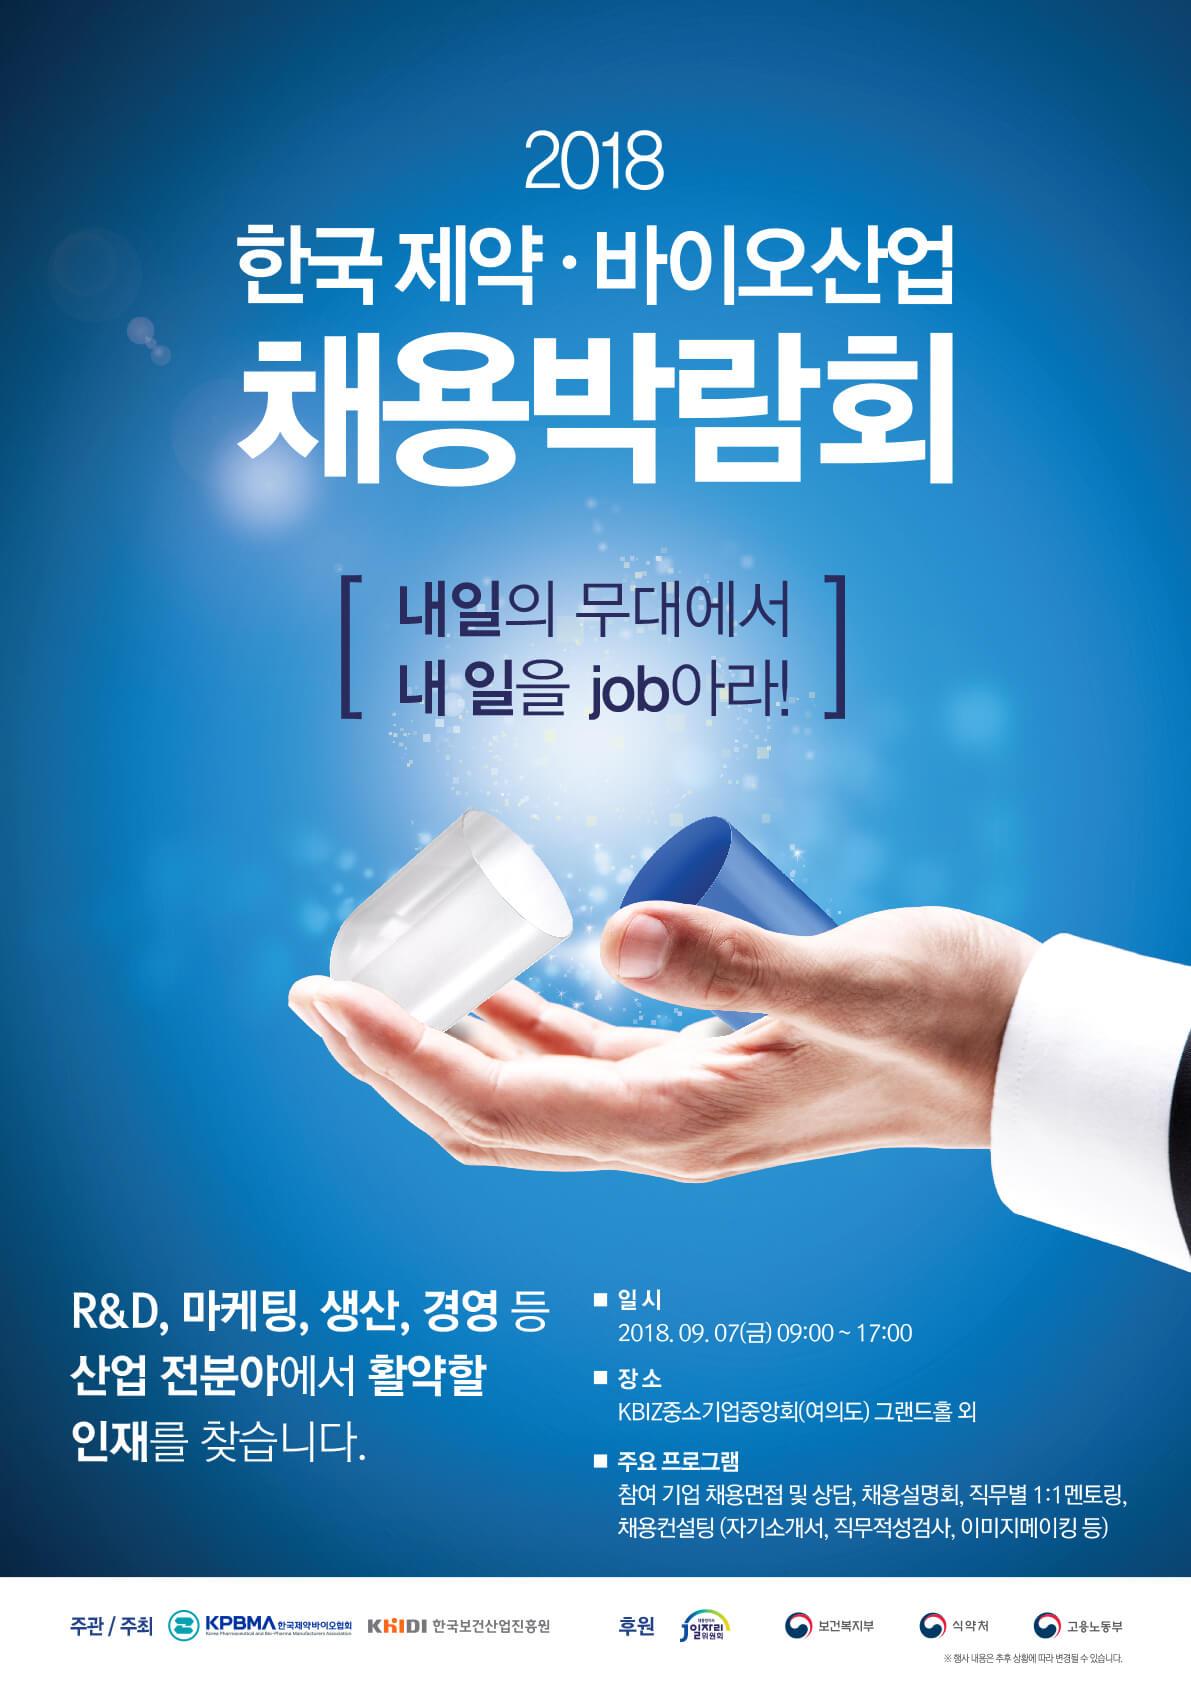 2018 한국 제약ㆍ바이오산업 채용박람회